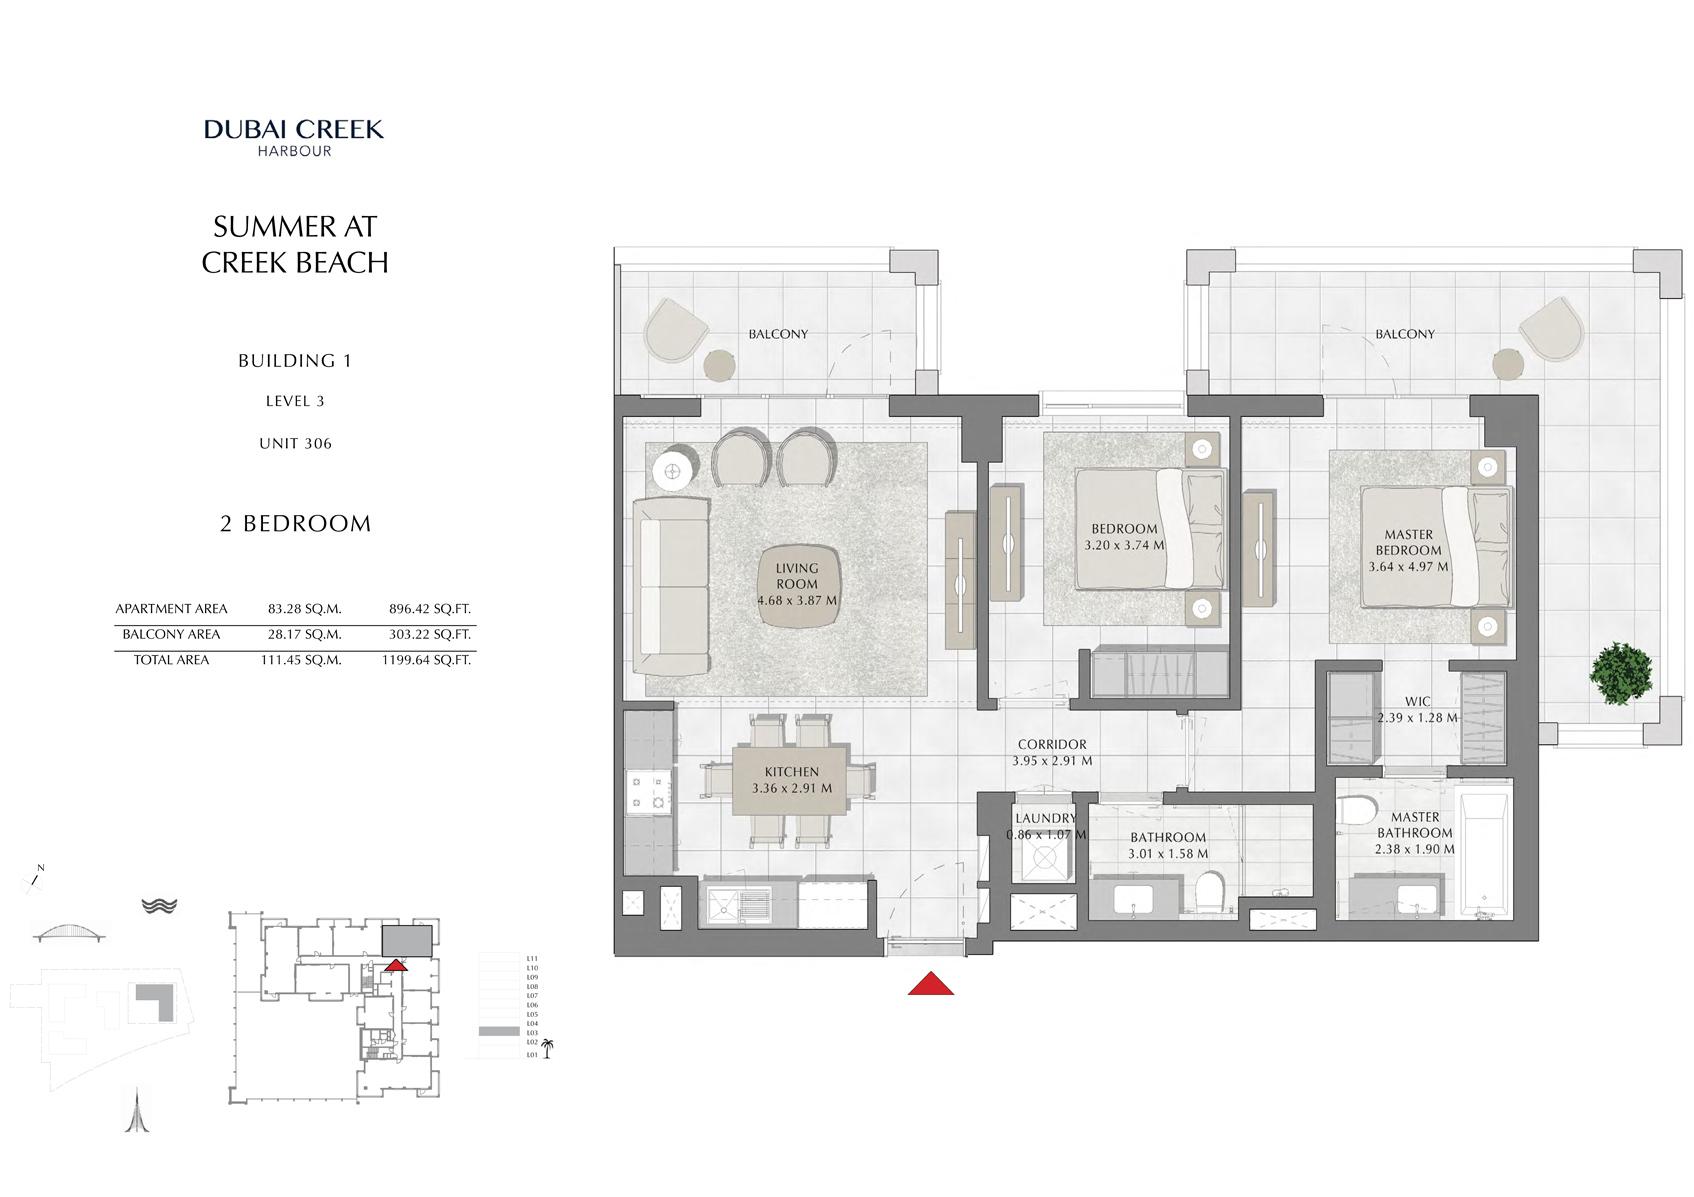 2 Br Building 1 Level 3 Unit 306, Size 1199 Sq Ft